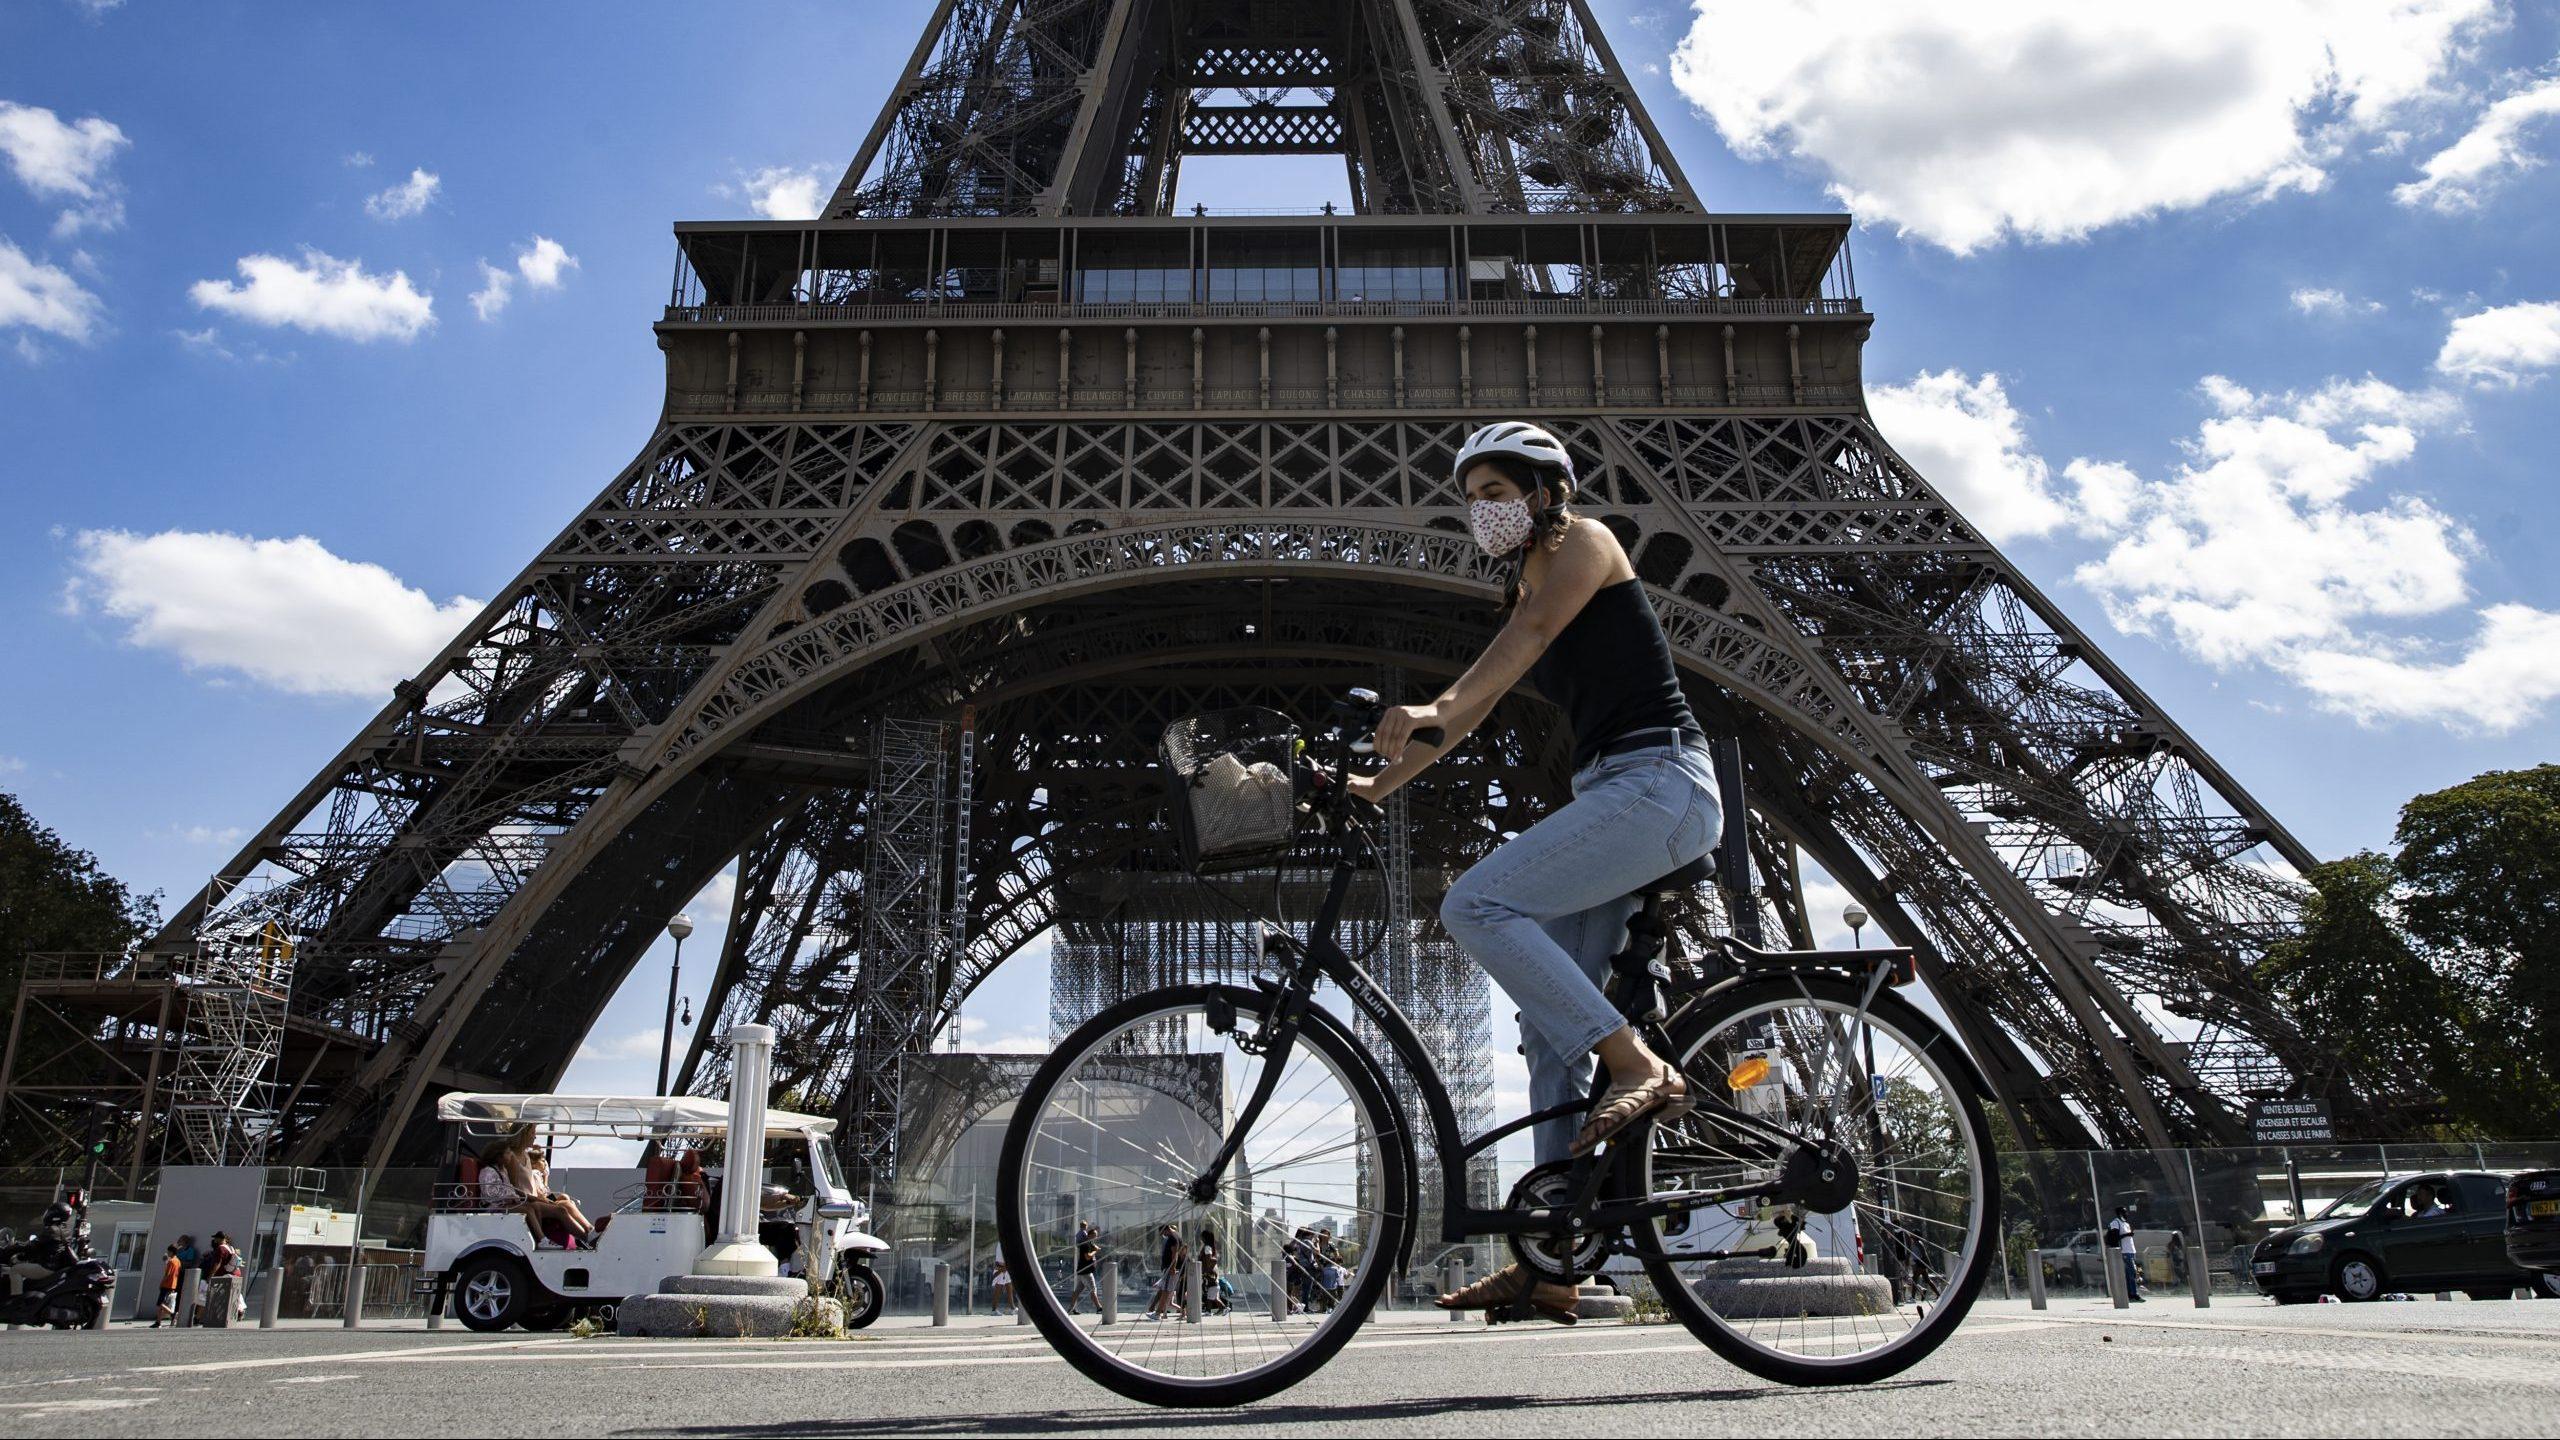 Karantin pri dolasku u Francusku proširen na još četiri zemlje 1